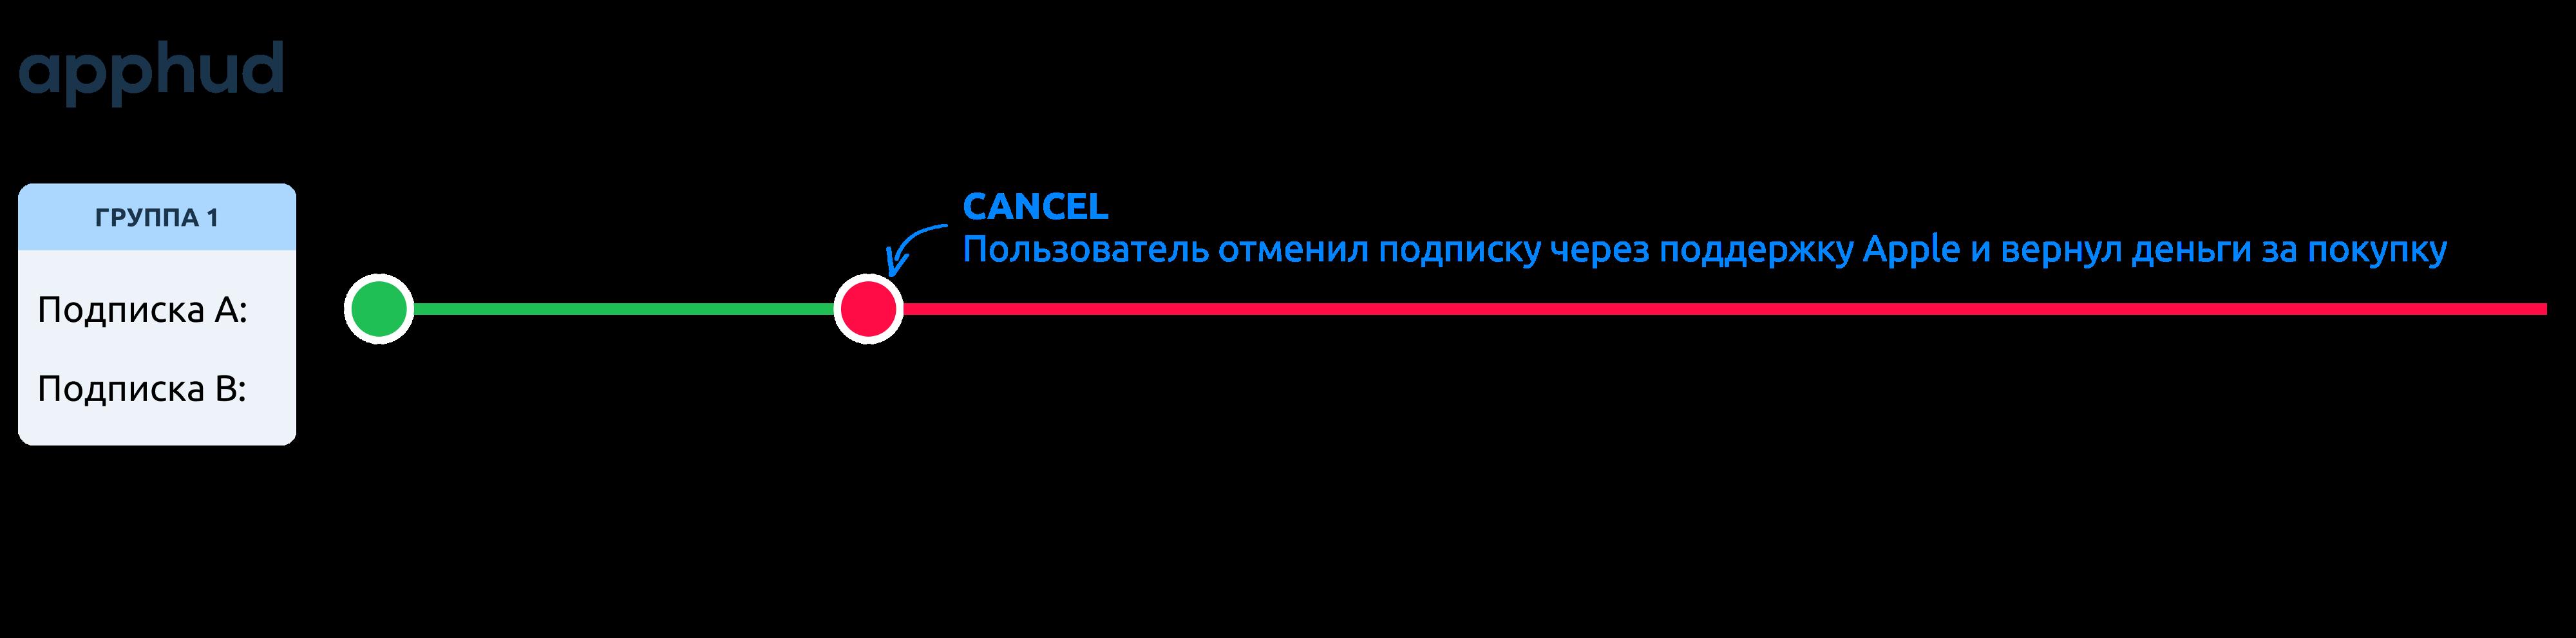 Событие CANCEL